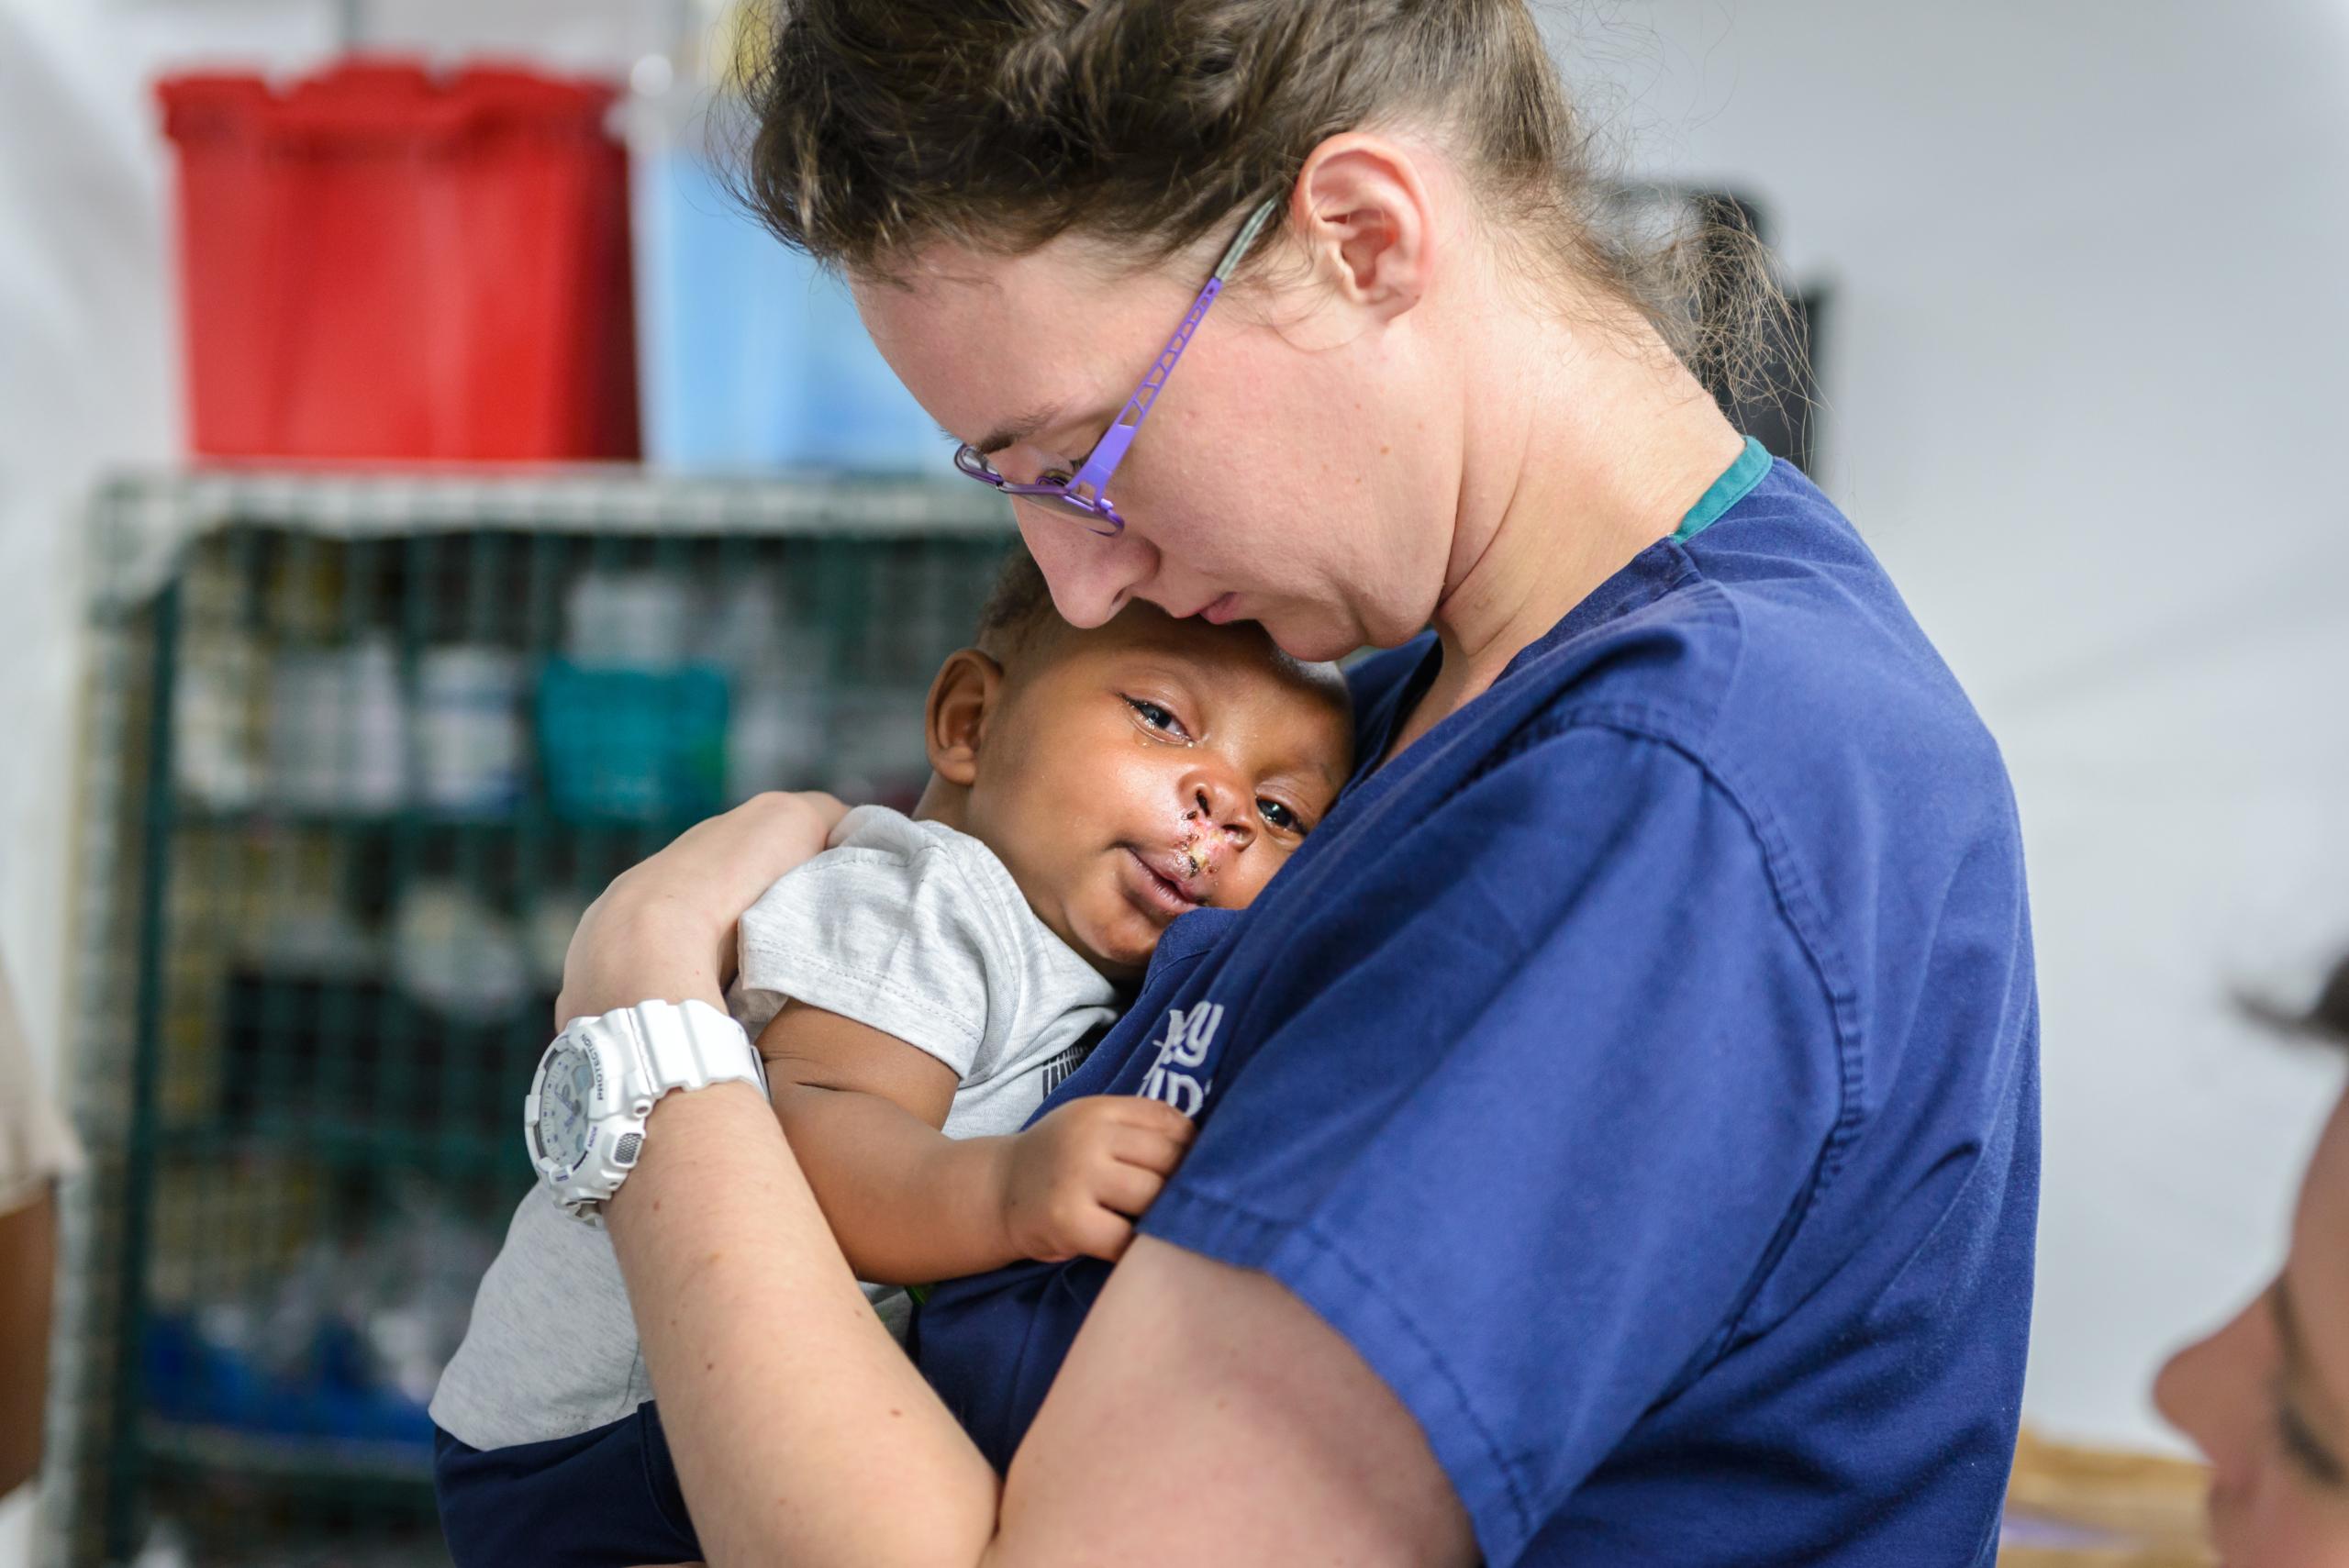 Word vrijwilliger in Afrika